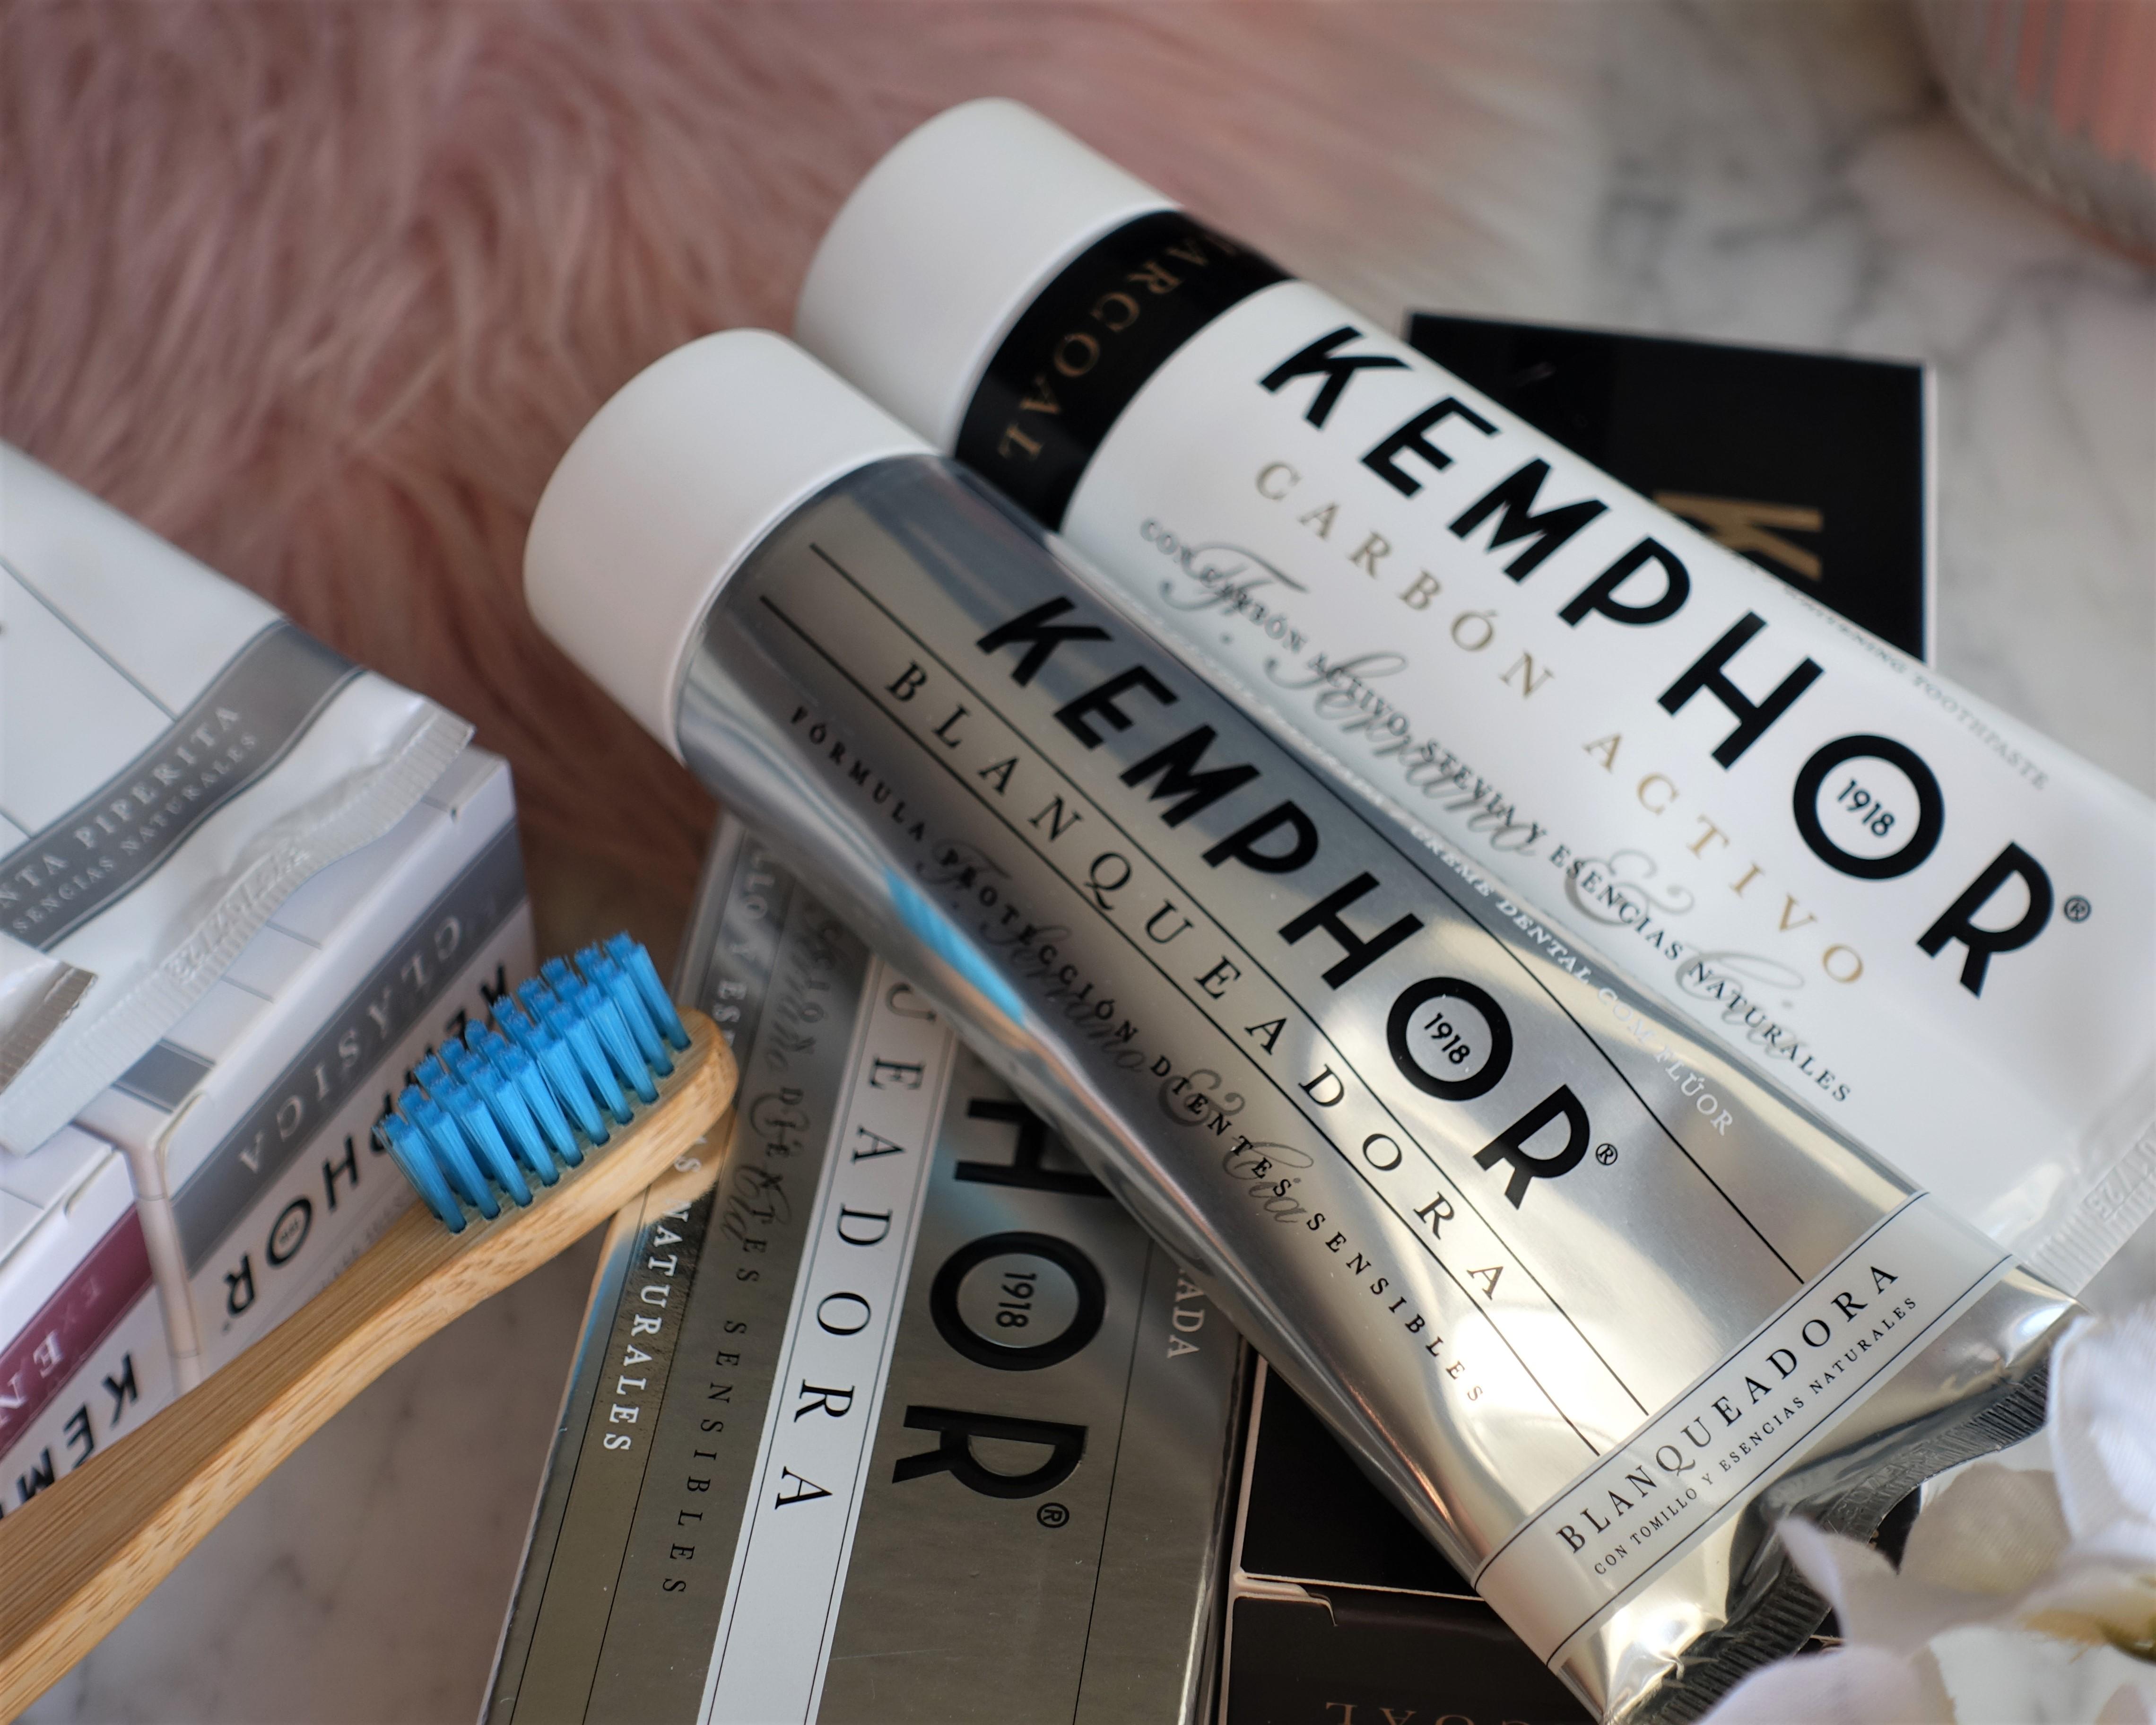 Productos de Kemphor (Evento #YBB8ED de Girl Power Team)